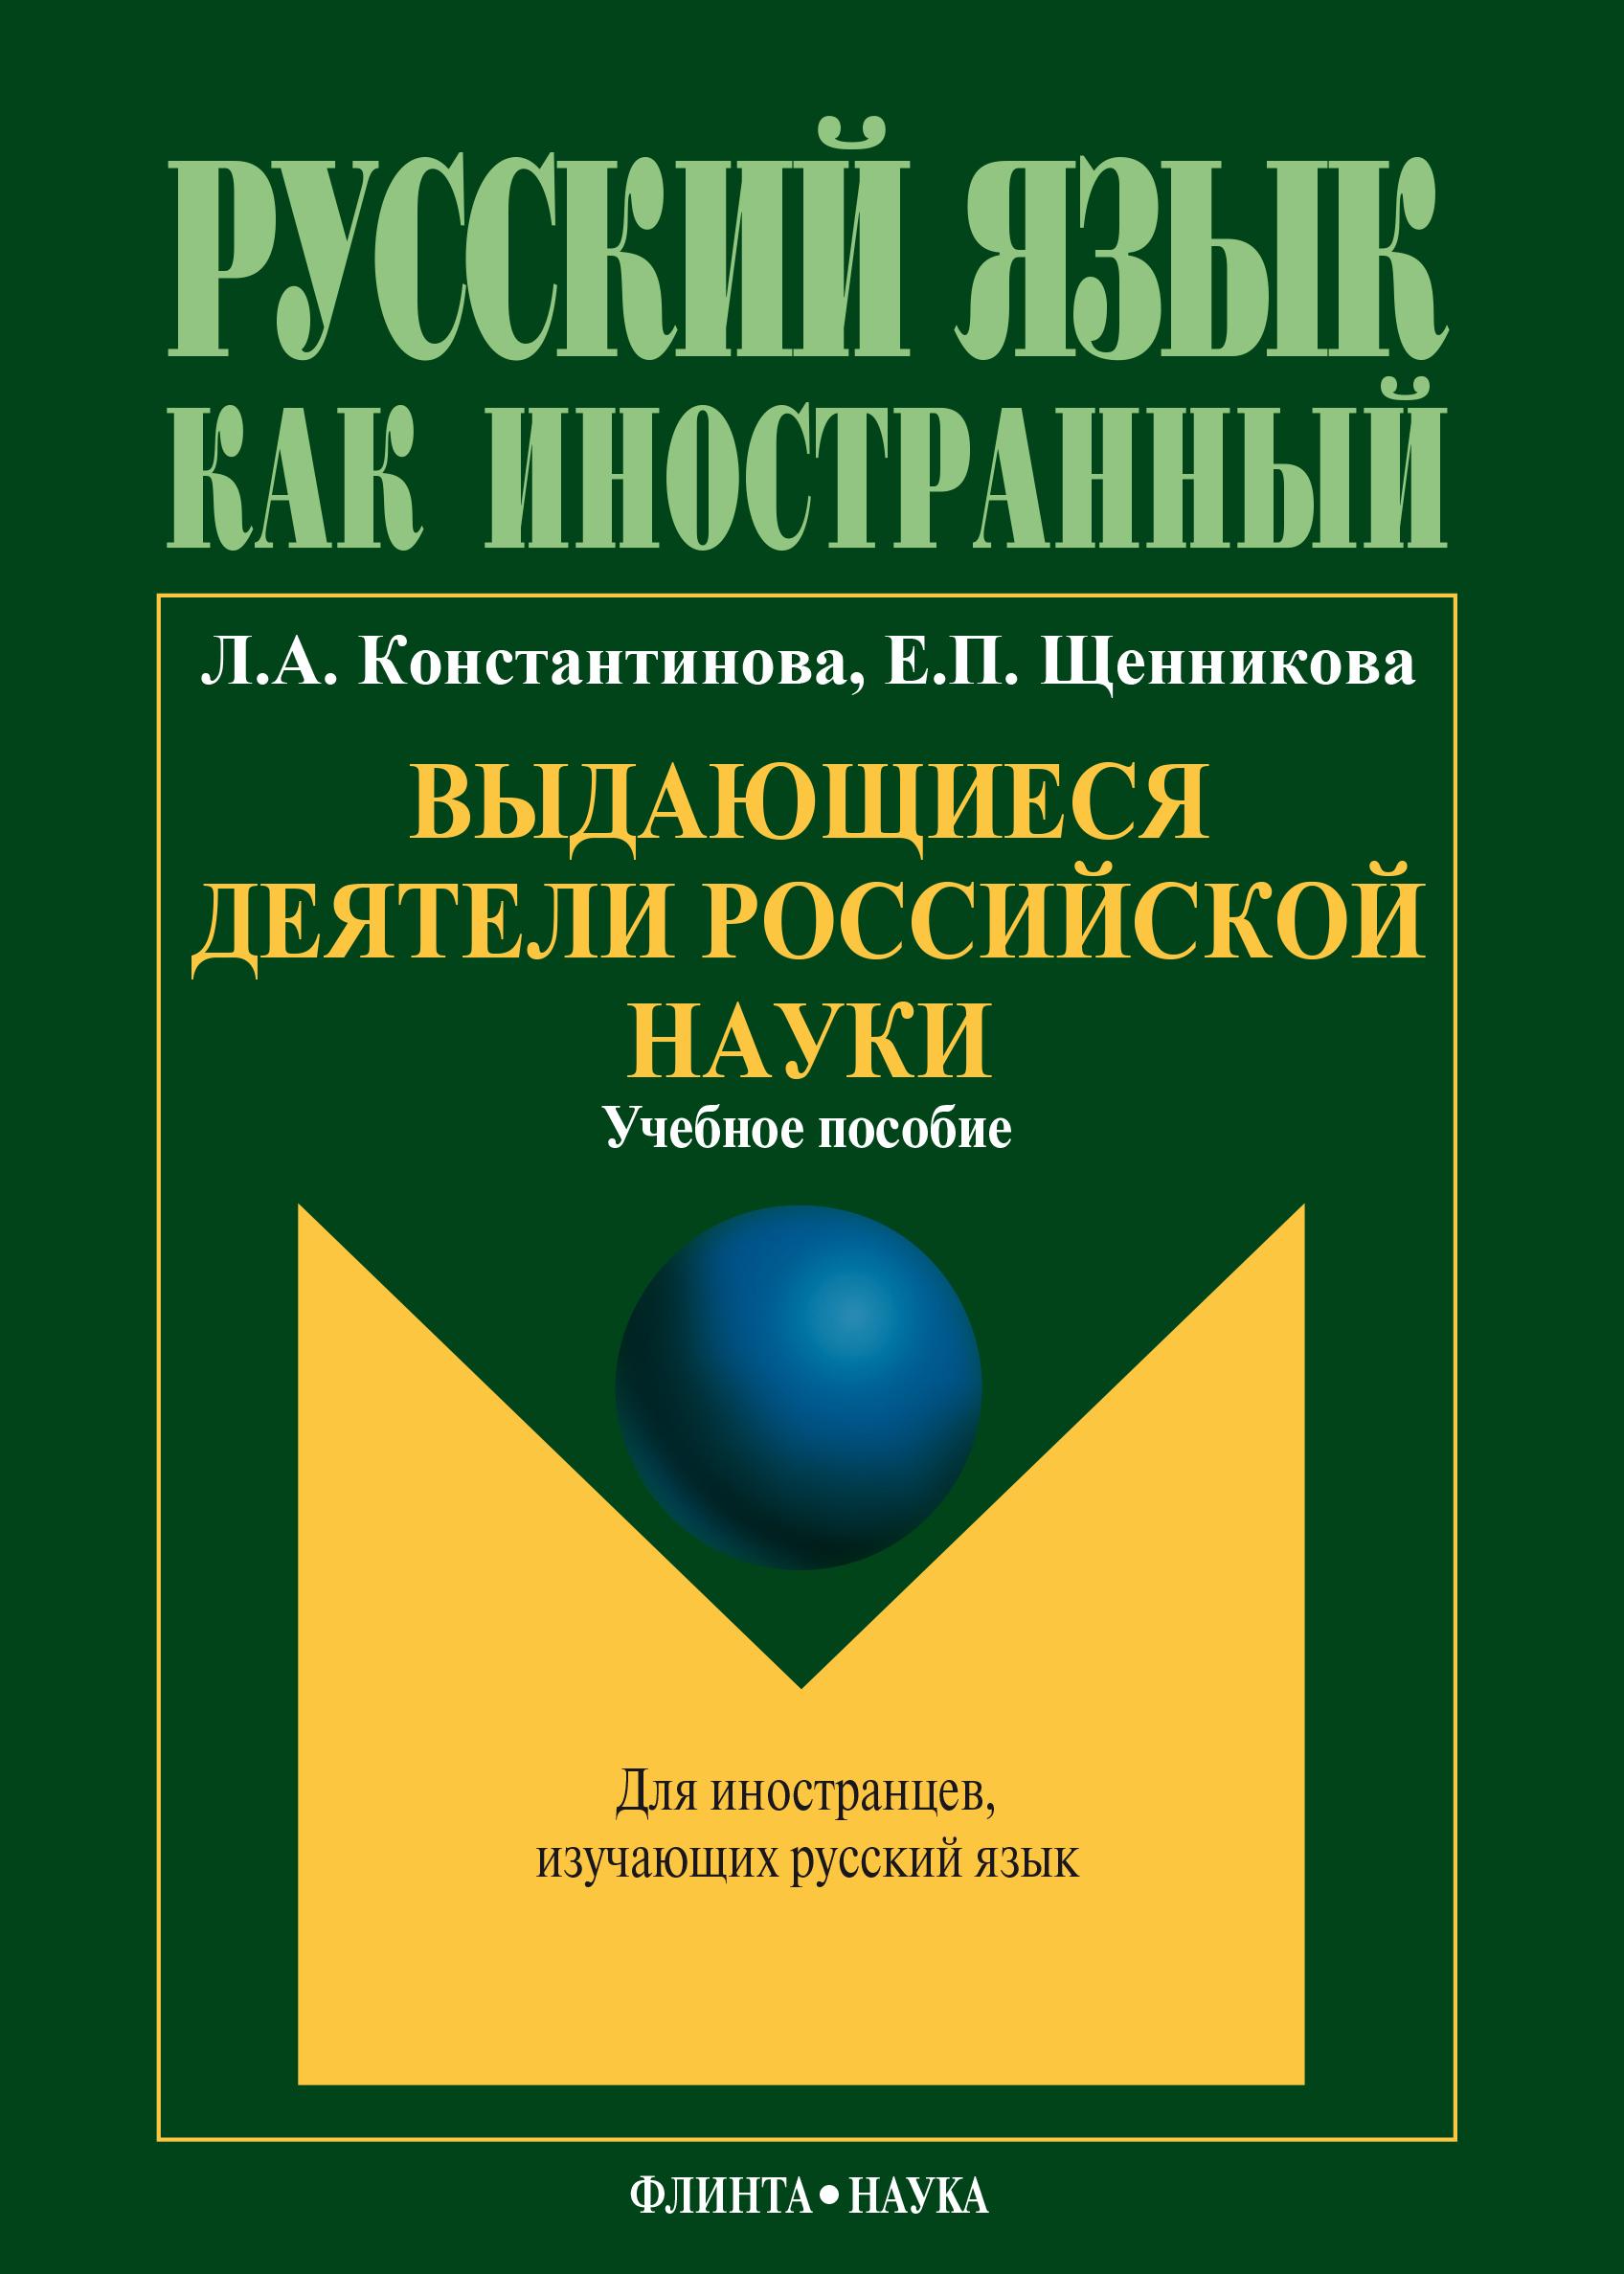 Выдающиеся деятели российской науки: учебное пособие по чтению для иностранных учащихся (основной этап обучения)